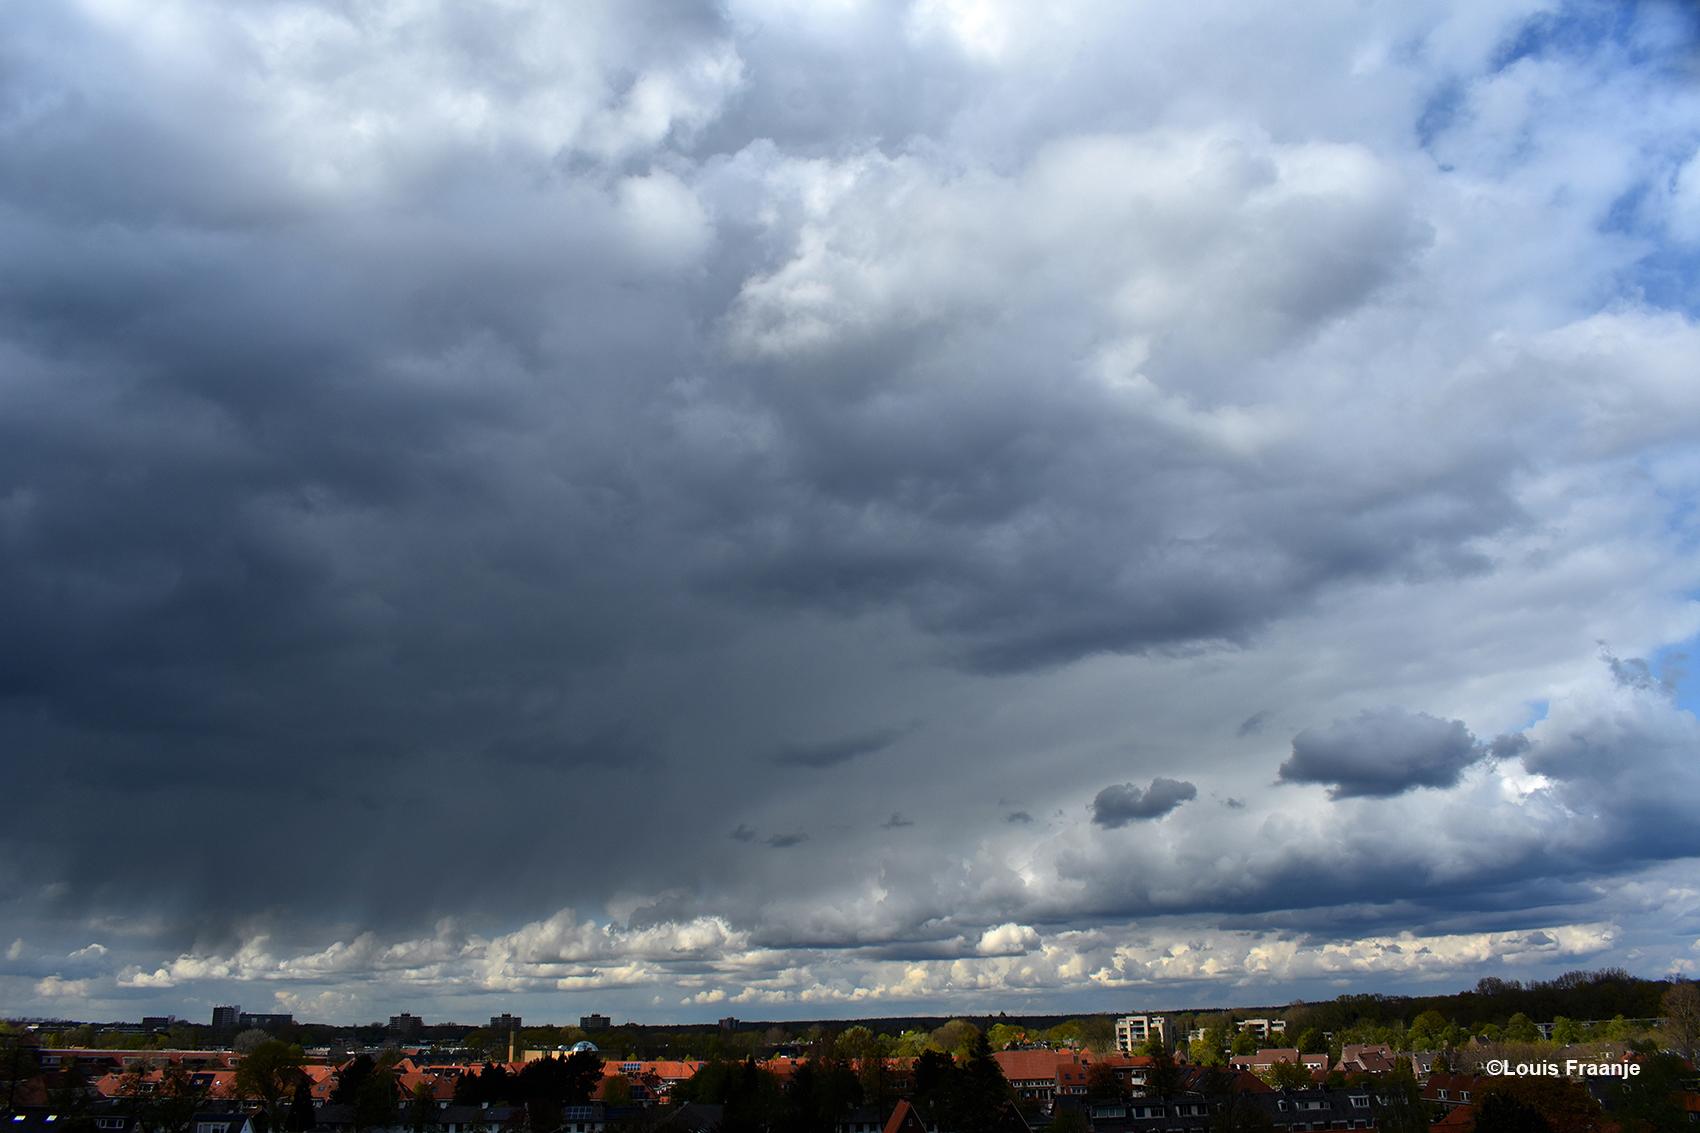 Prachtige wolkenluchten boven Ede-Zuid, waar je geen genoeg van kunt krijgen - Foto: ©Louis Fraanje